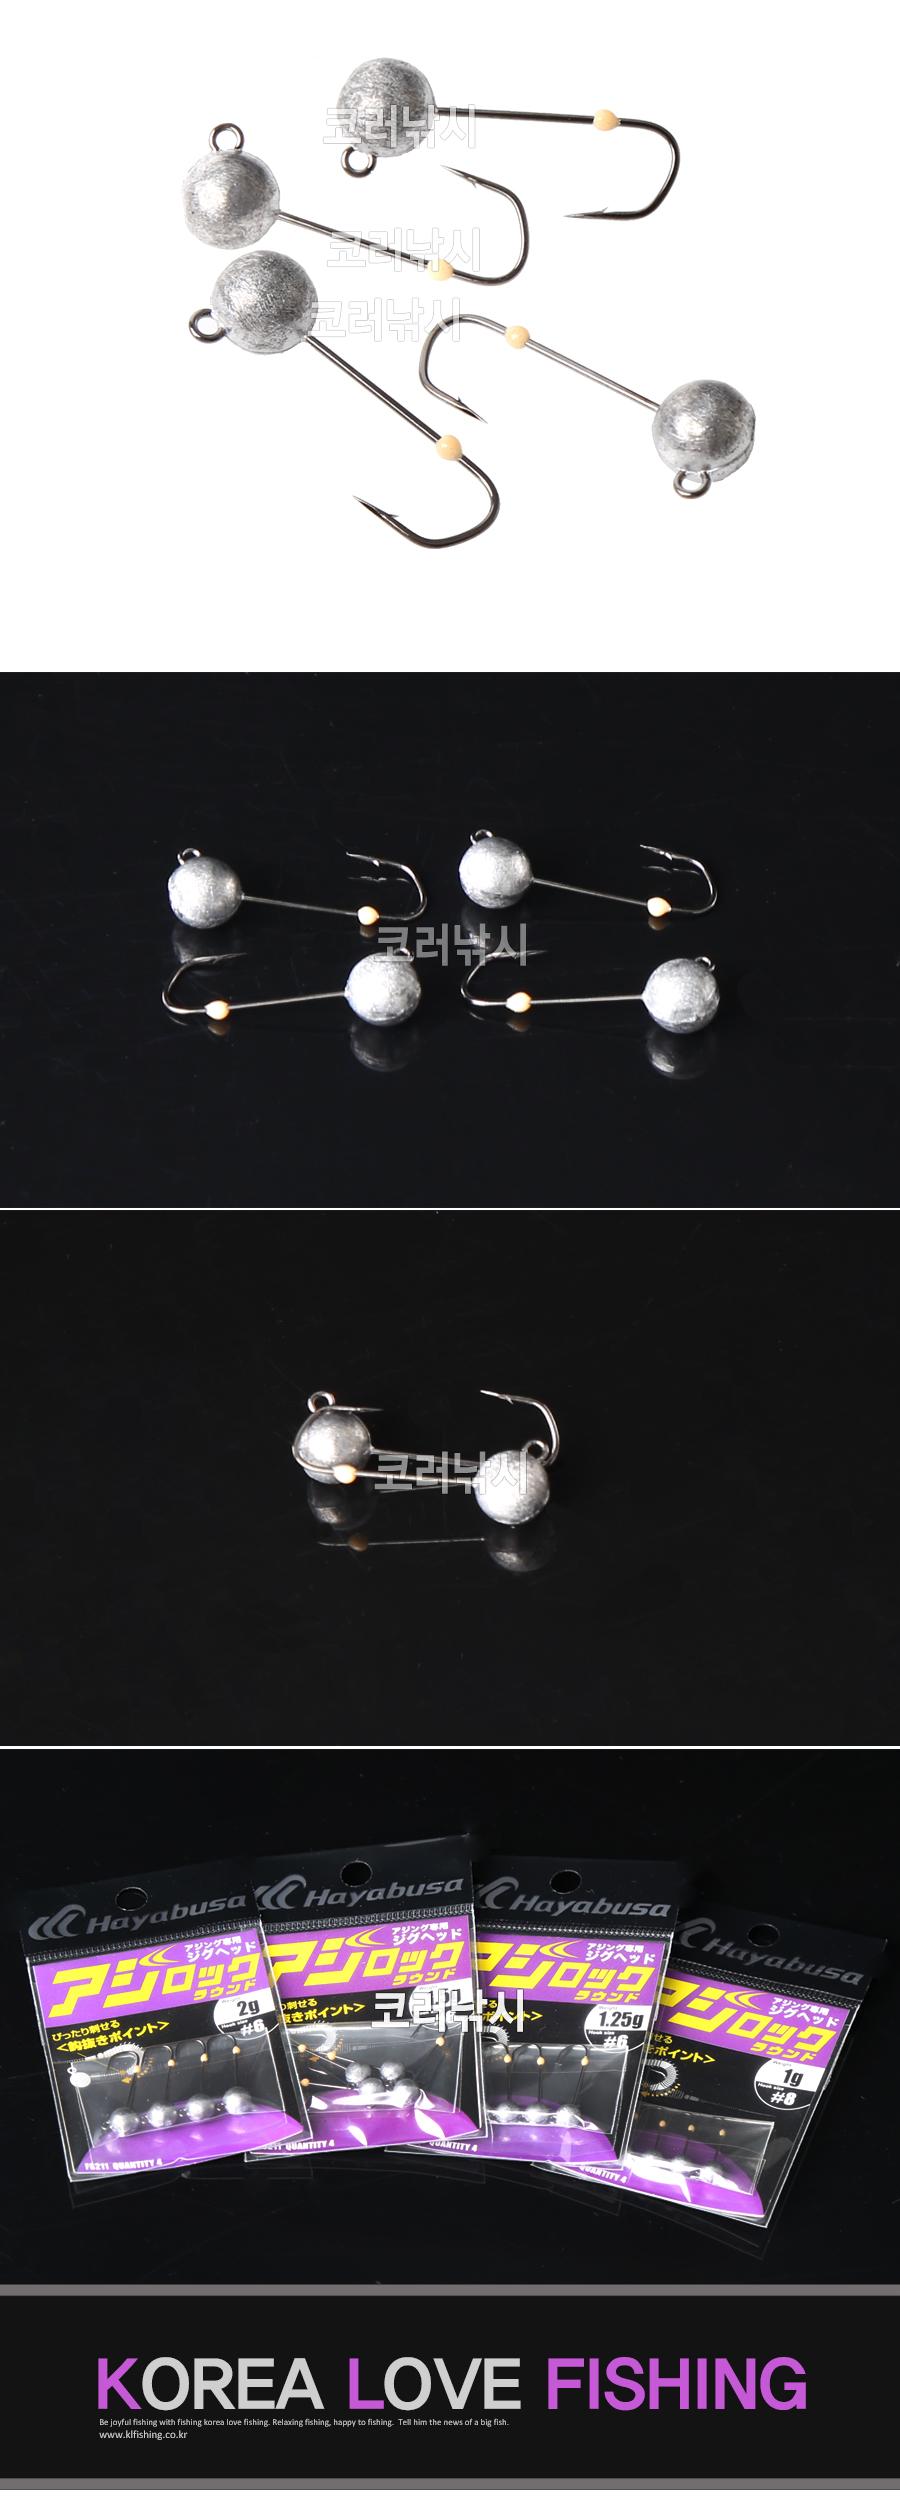 하야부사 아징전용 지그헤드 라운드형 FS211 전갱이아징지그헤드 아지지그헤드 전갱이지그헤드